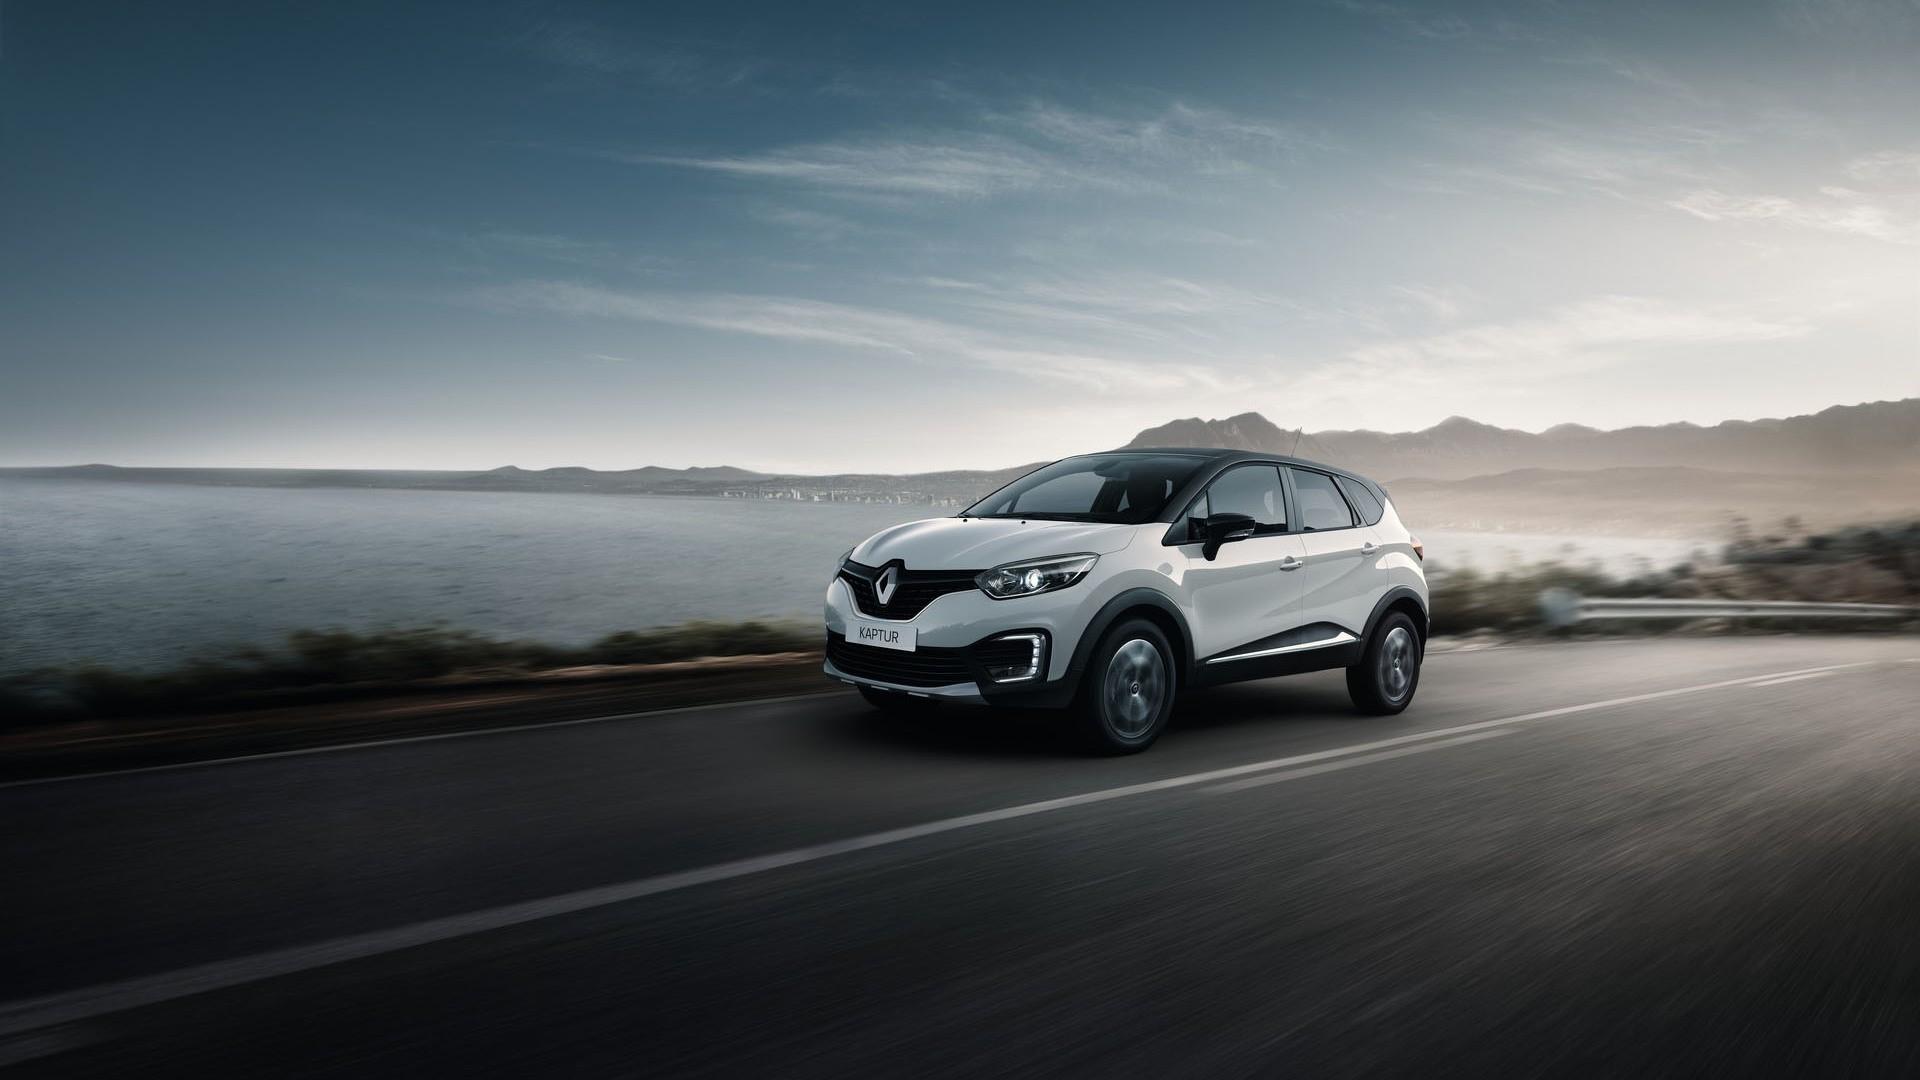 Desgraciadamente, el nuevo Renault Kaptur será sólo para Rusia